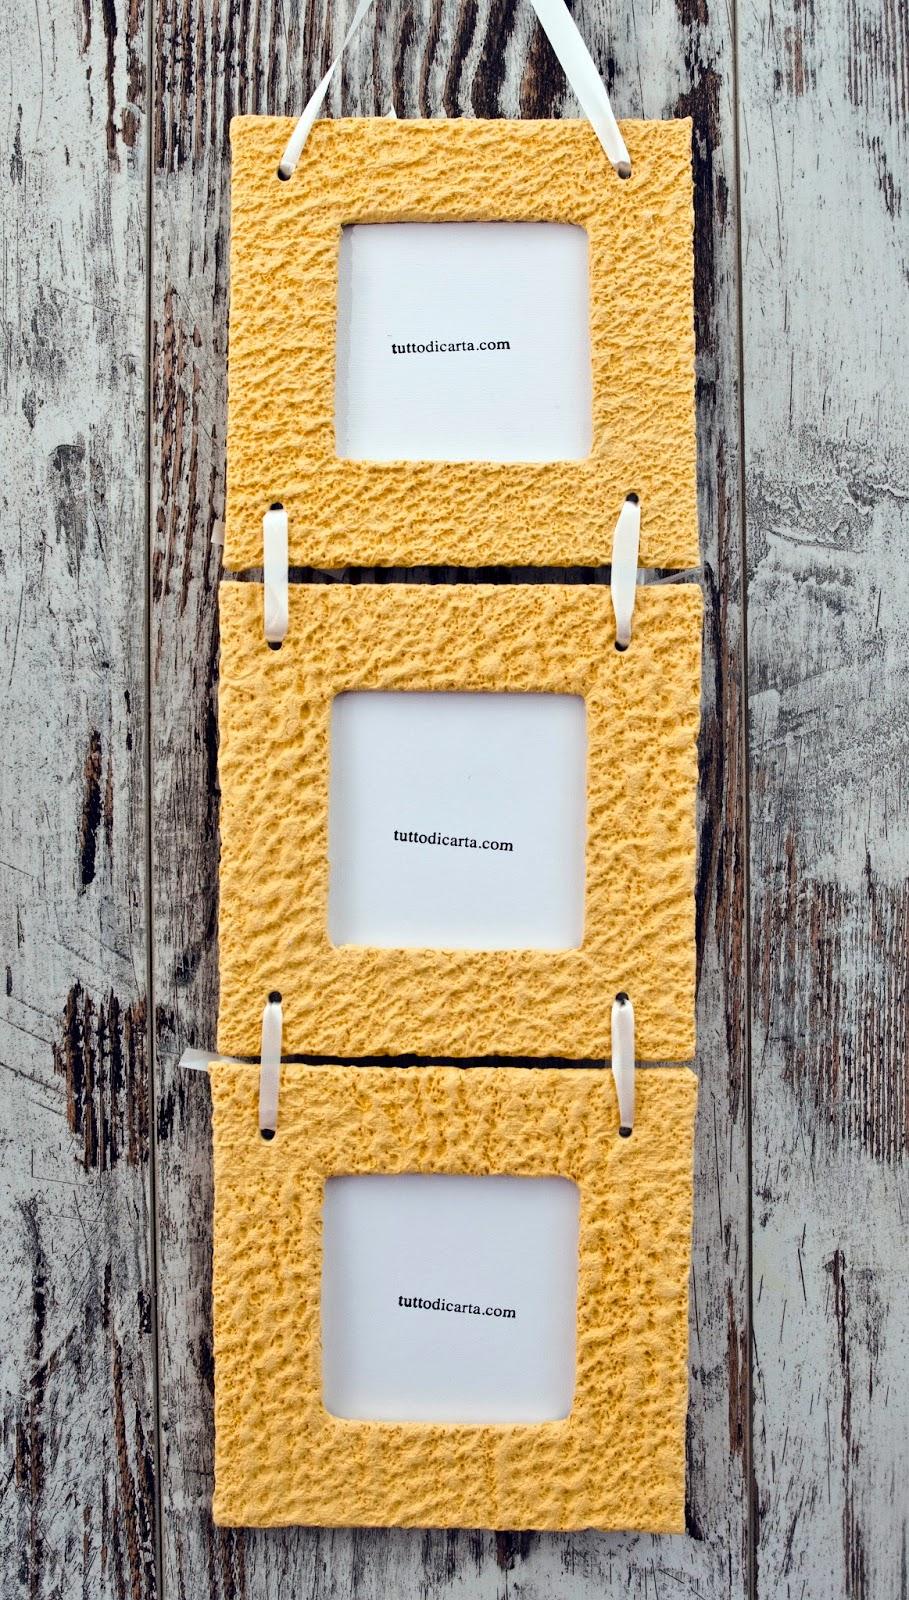 Vendita album fotografici cornici multiple da muro for Cornici amazon